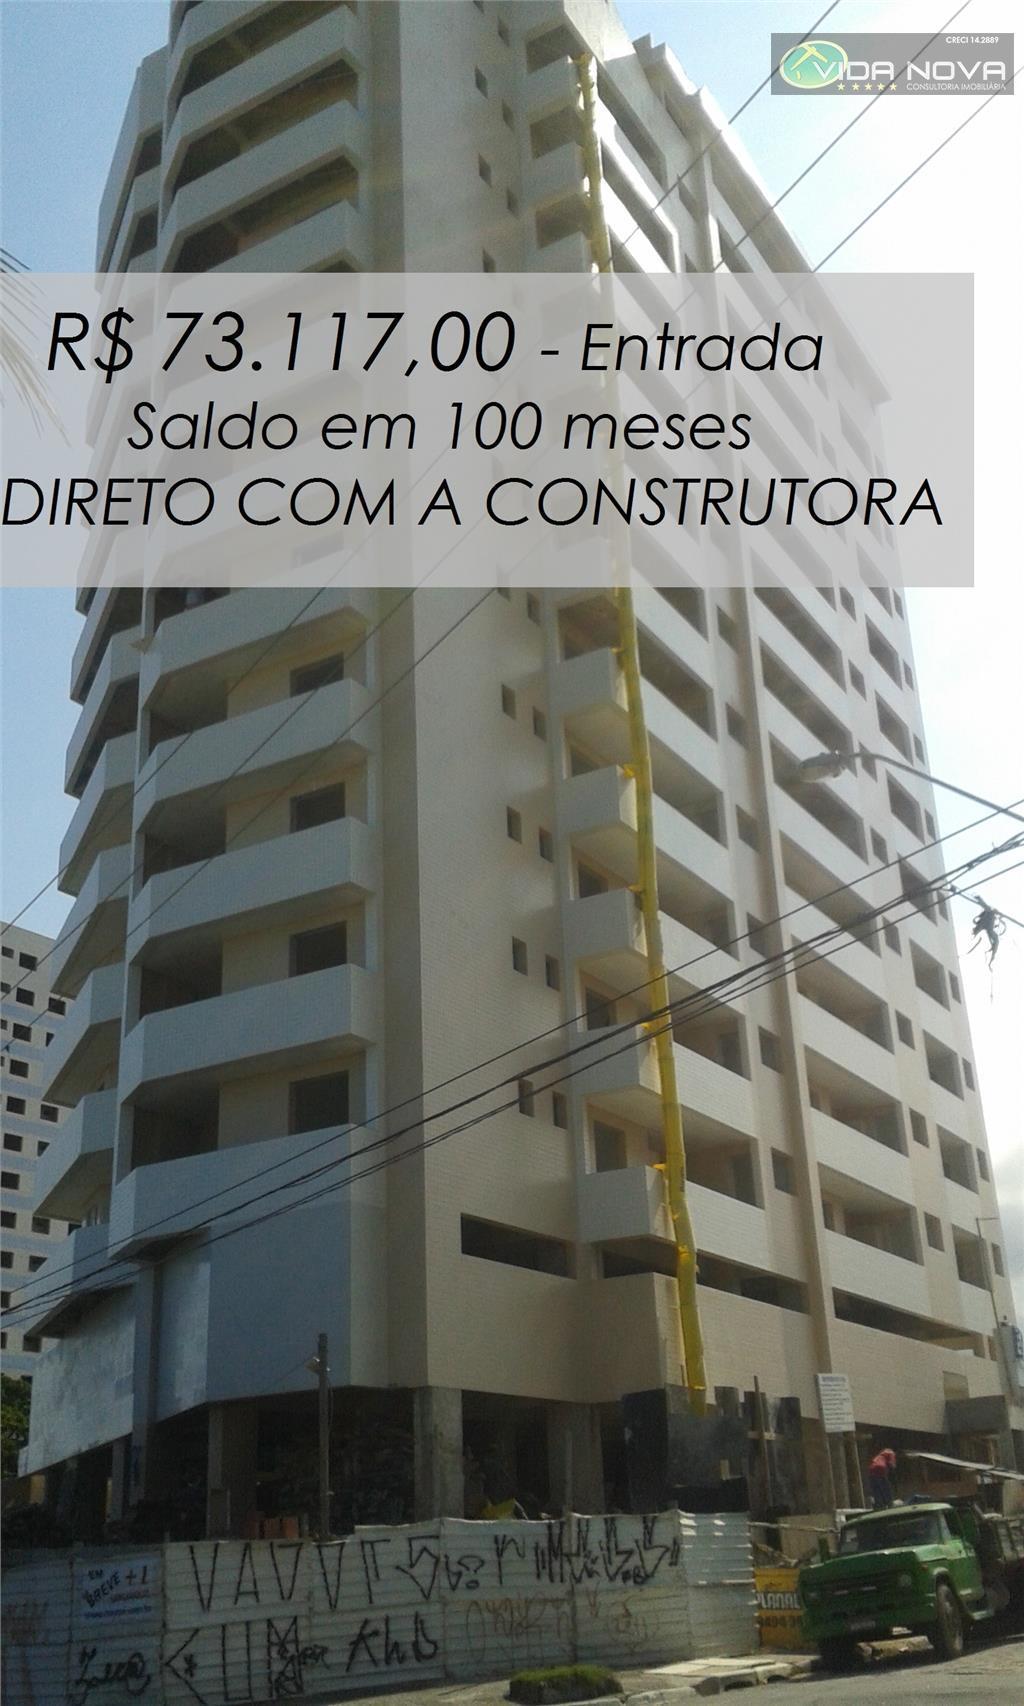 Apartamento Residencial à venda, Balneário Maracanã, Praia Grande - AP0902.